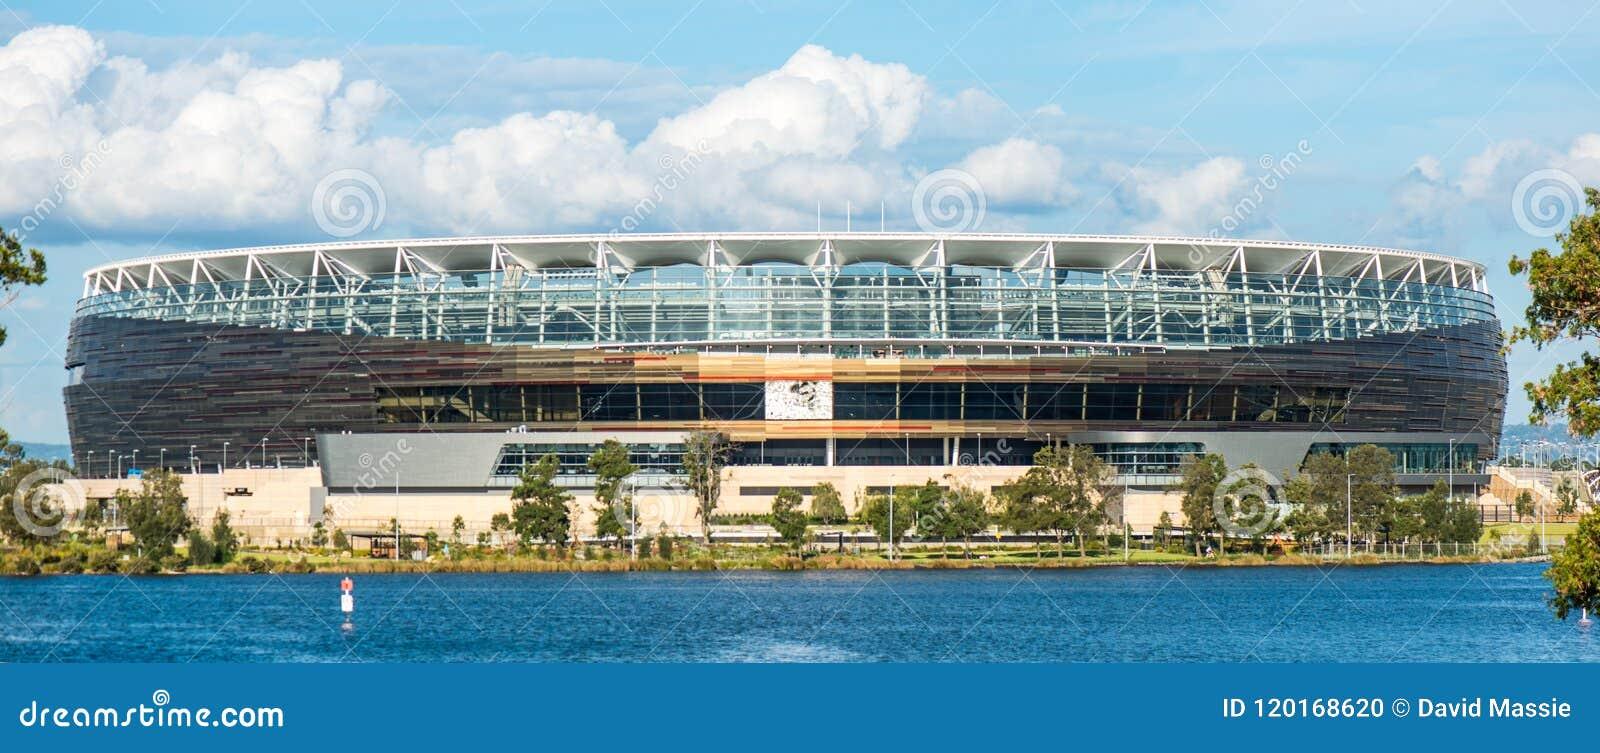 Neues Fußball-Stadion auf Westaustralier